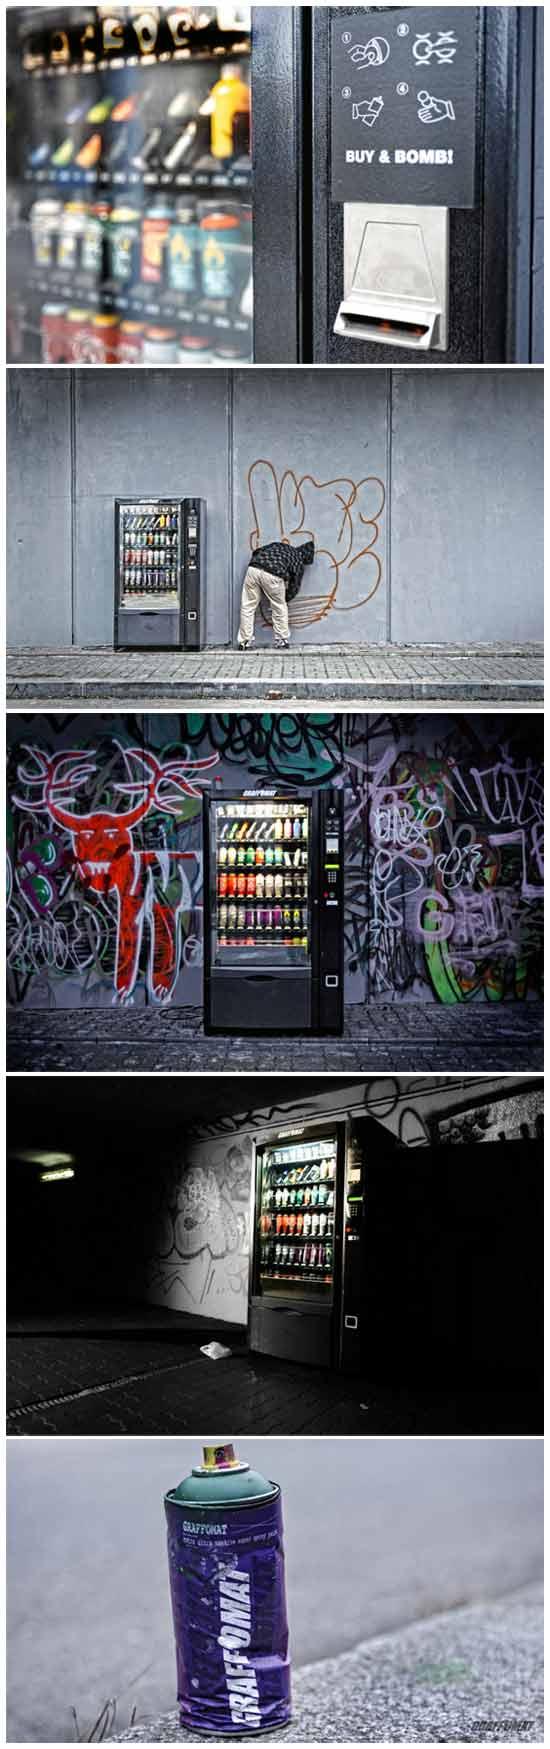 Граффоматы или автоматы  для граффити